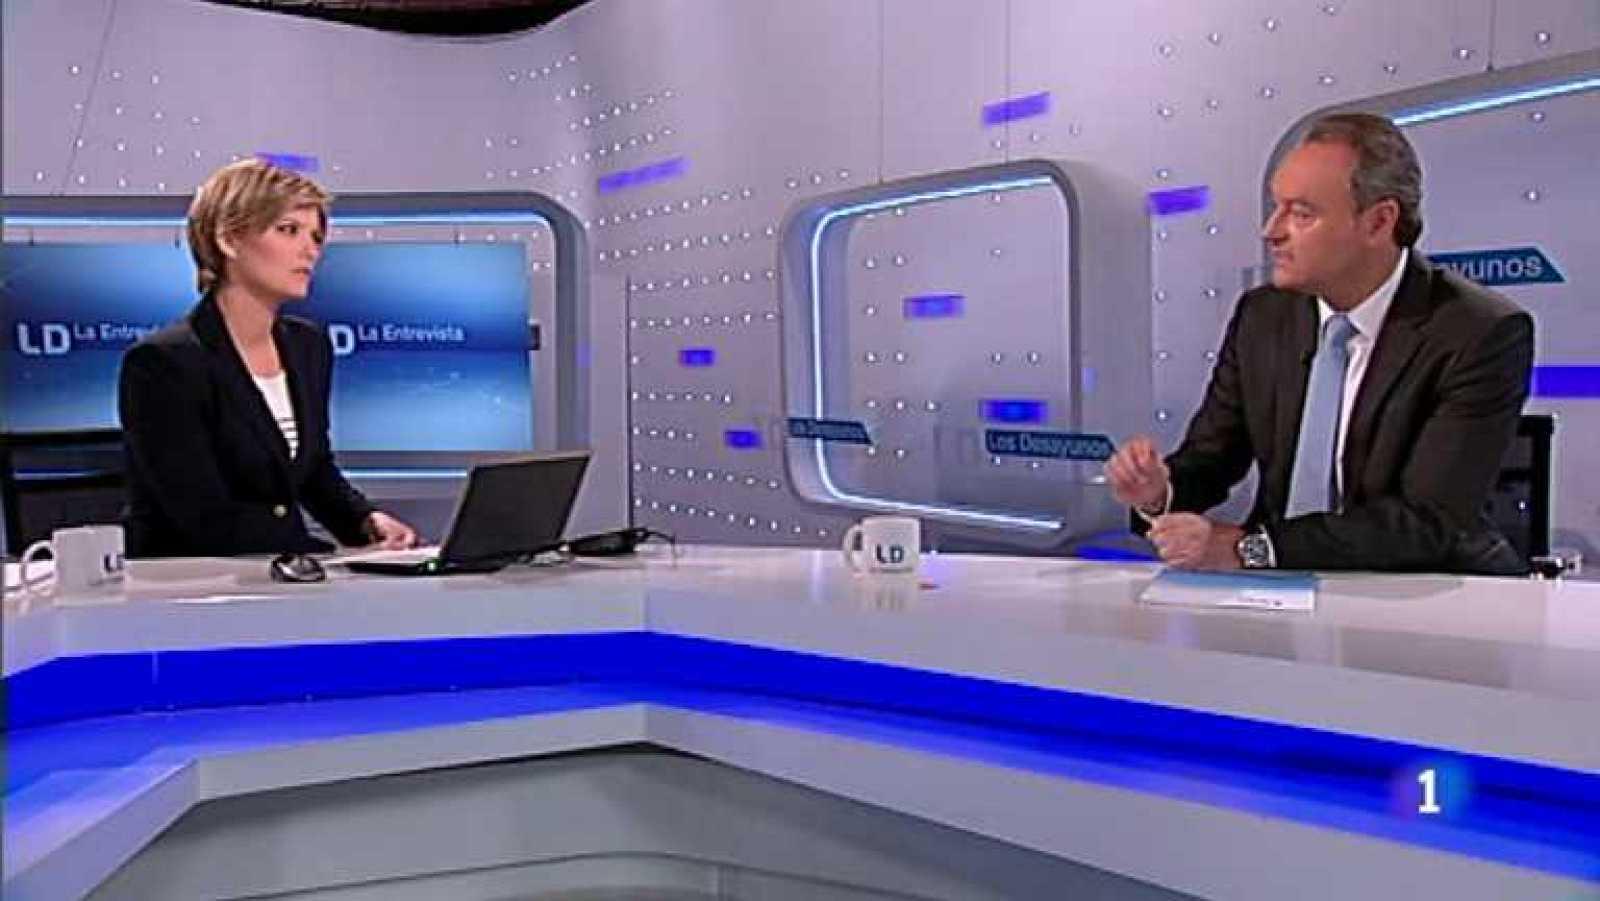 L'Informatiu - Comunitat Valenciana 2 - 17/04/13 - Ver ahora